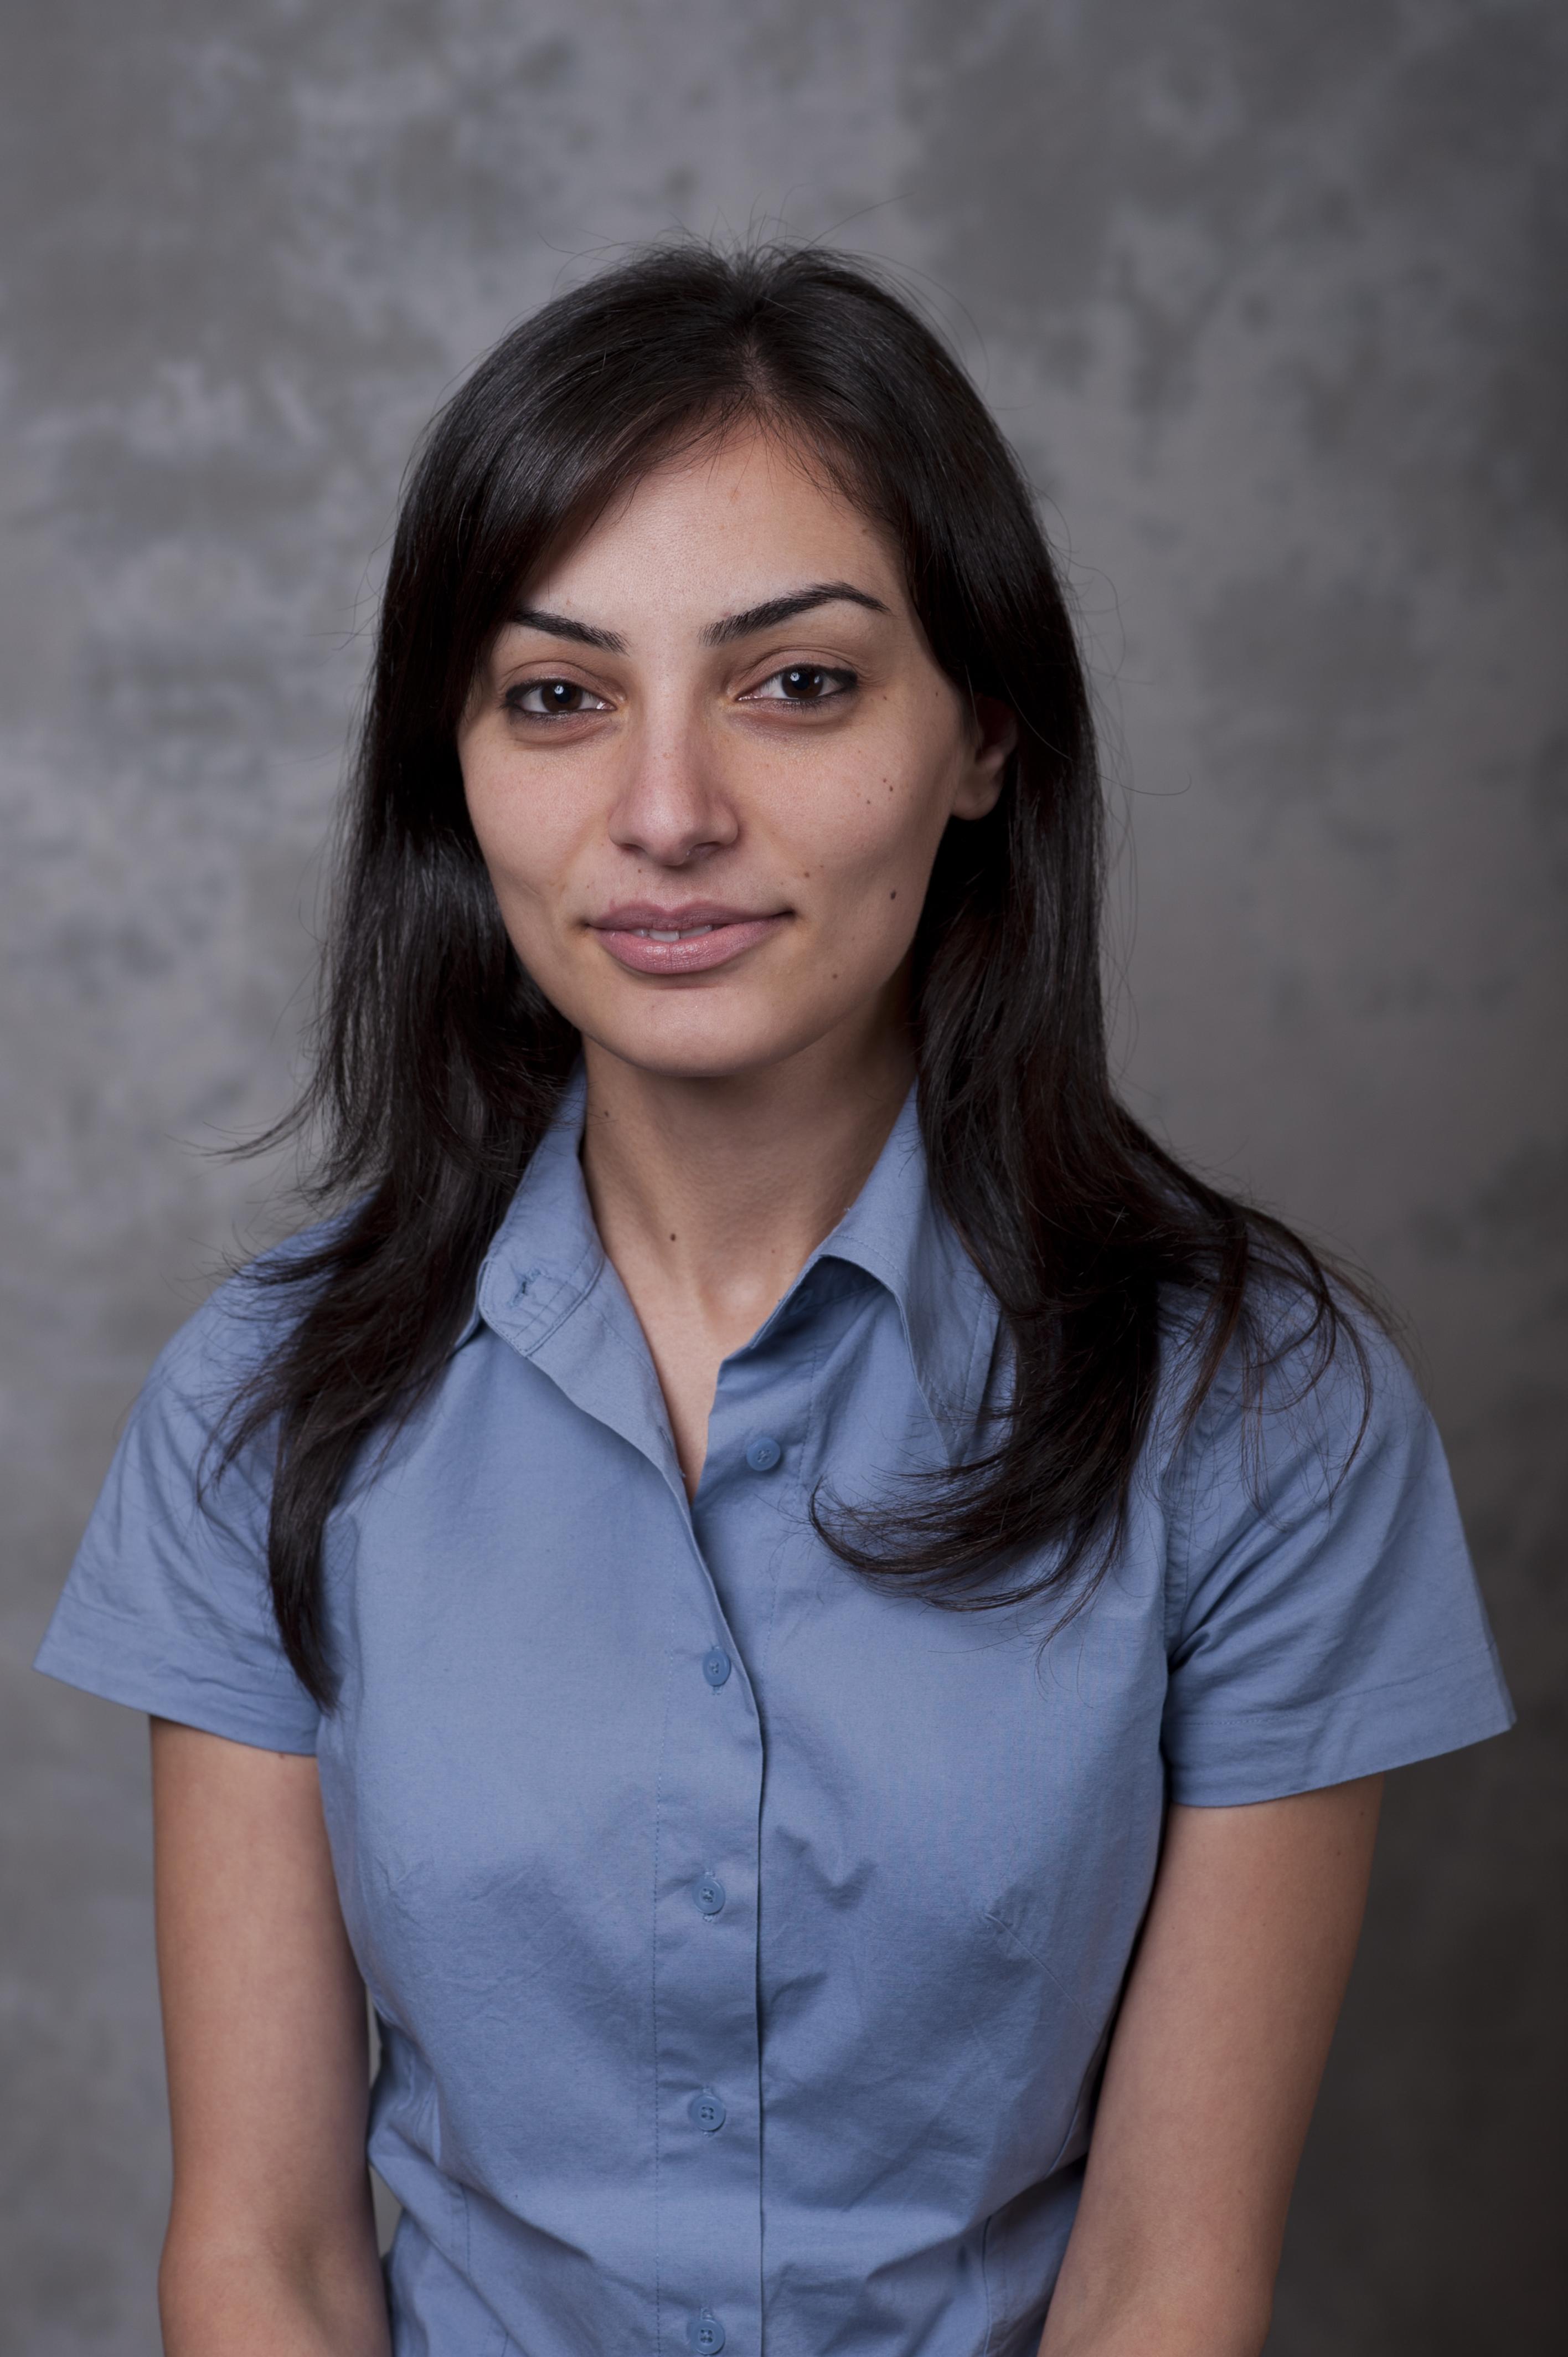 Gayane Poghotanyan